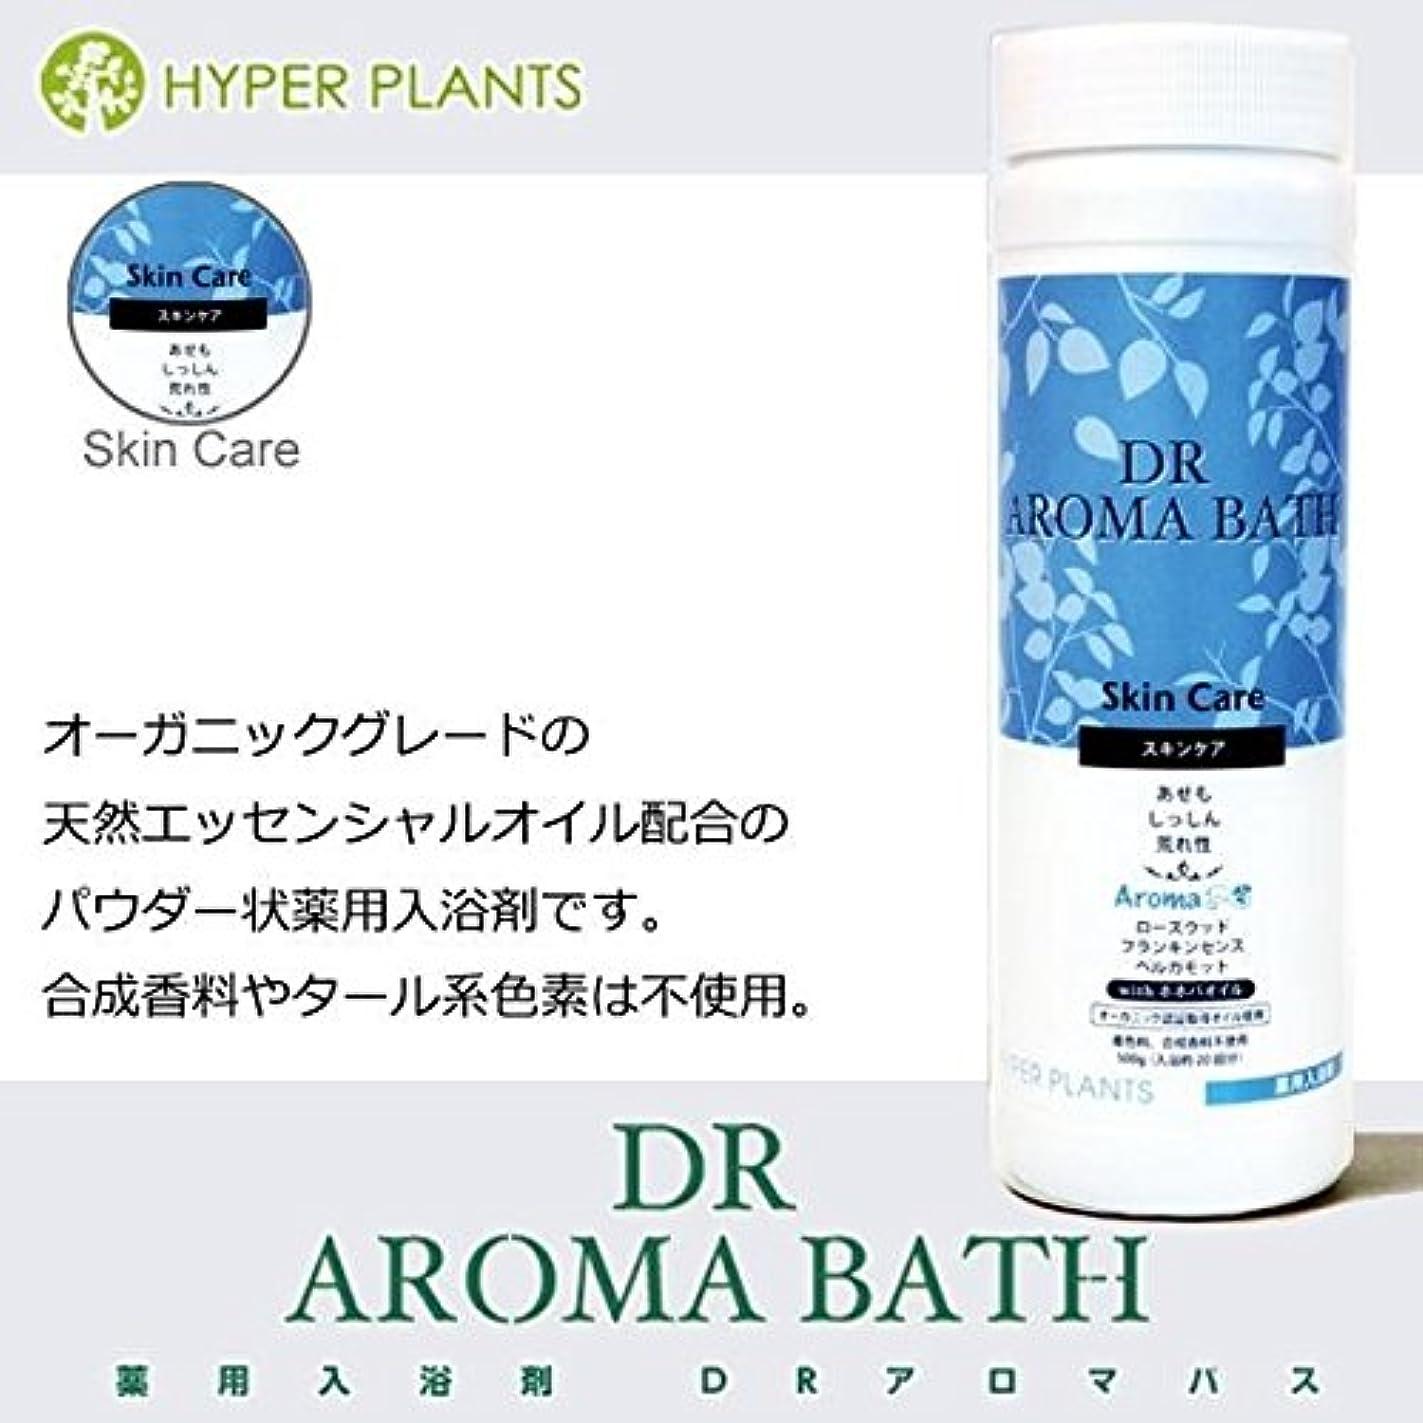 浸透するホース報復する医薬部外品 薬用入浴剤 ハイパープランツ(HYPER PLANTS) DRアロマバス スキンケア 500g HNB003